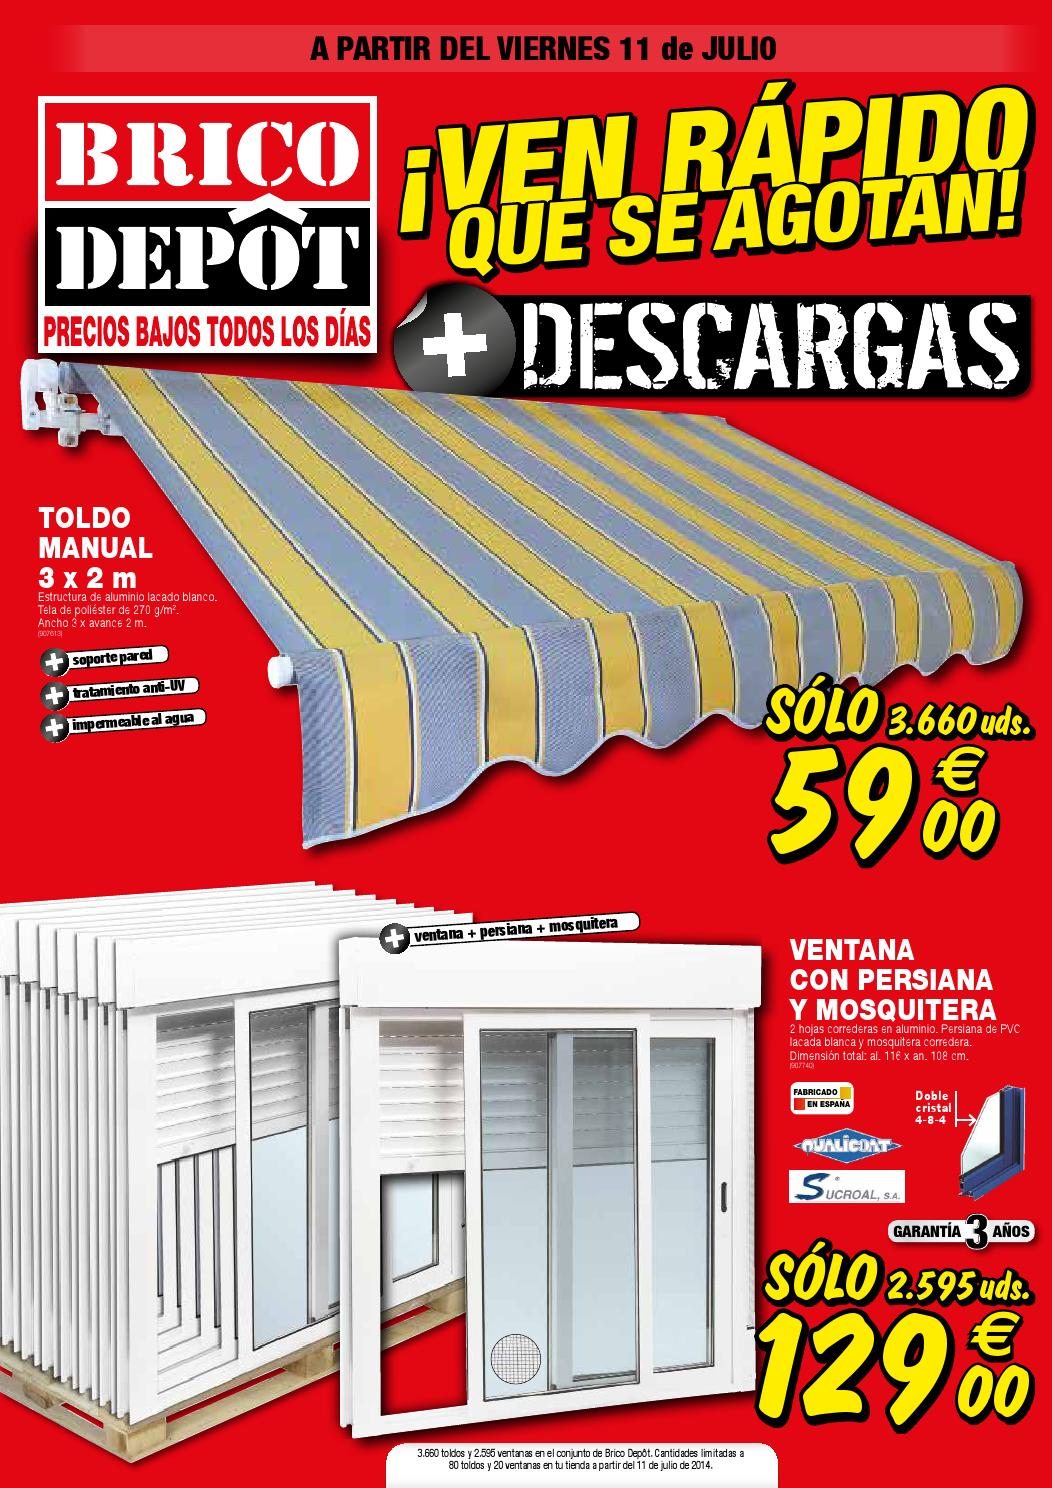 Catalogo bricodepot julio 2014 by luis gastreet issuu - Puertas correderas bricomart ...